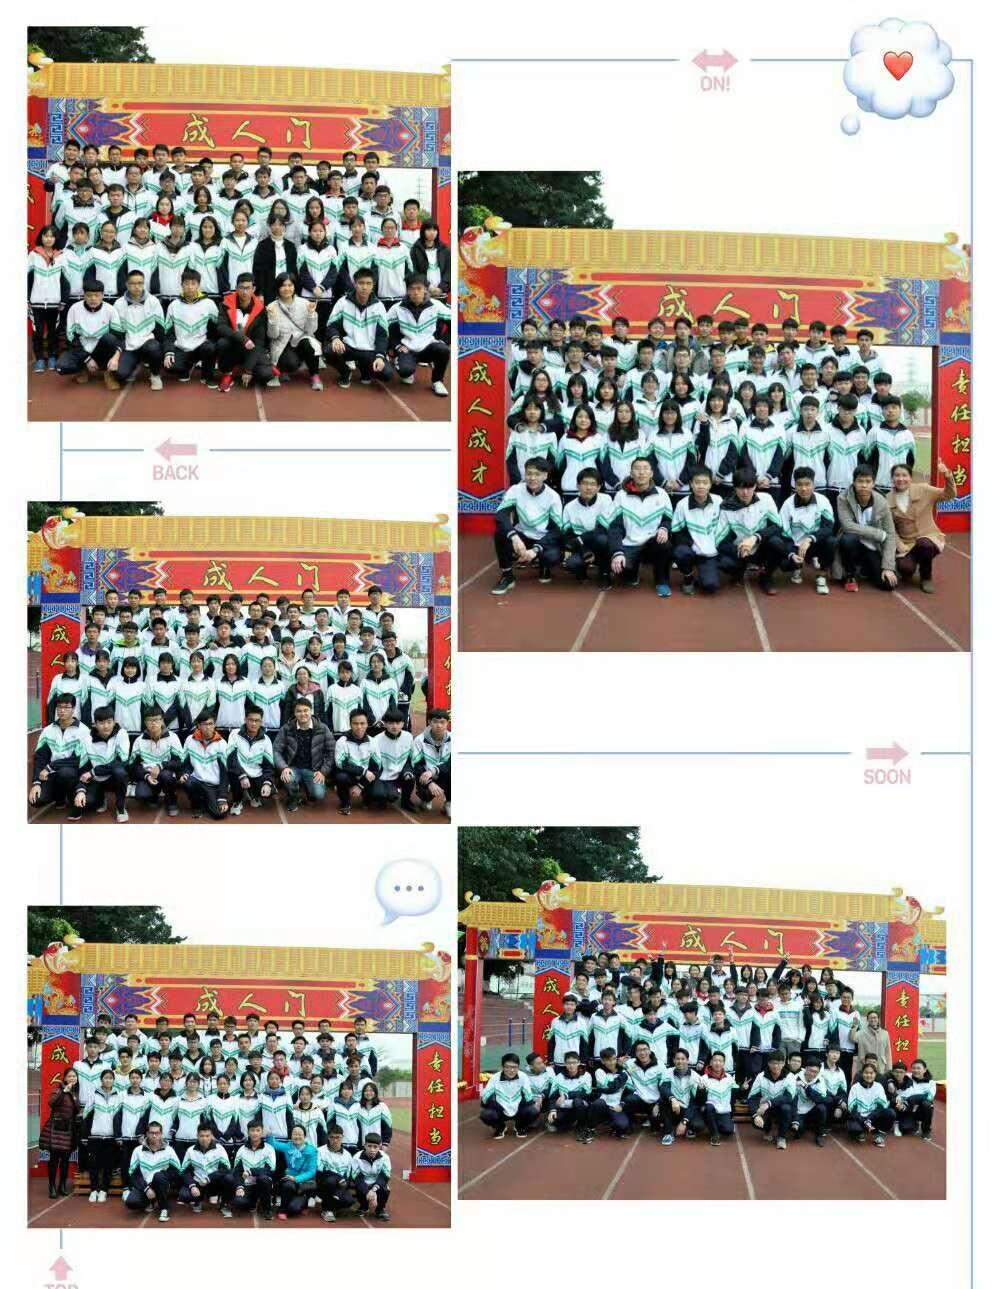 微信图片_20190226110753.jpg